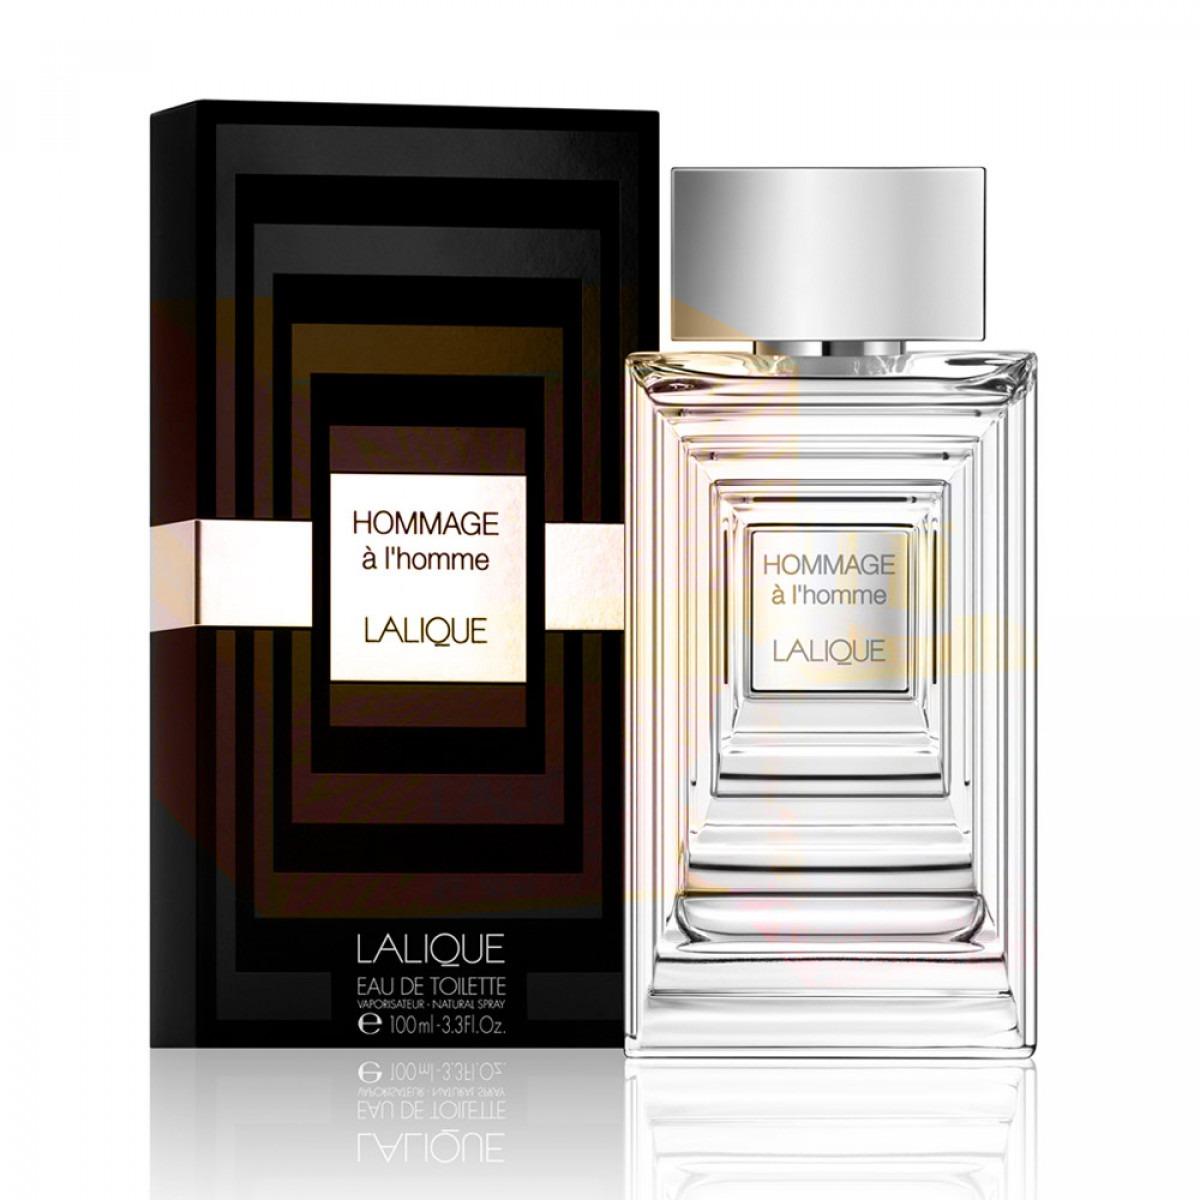 Lalique Hommage a l'Homme 100ml